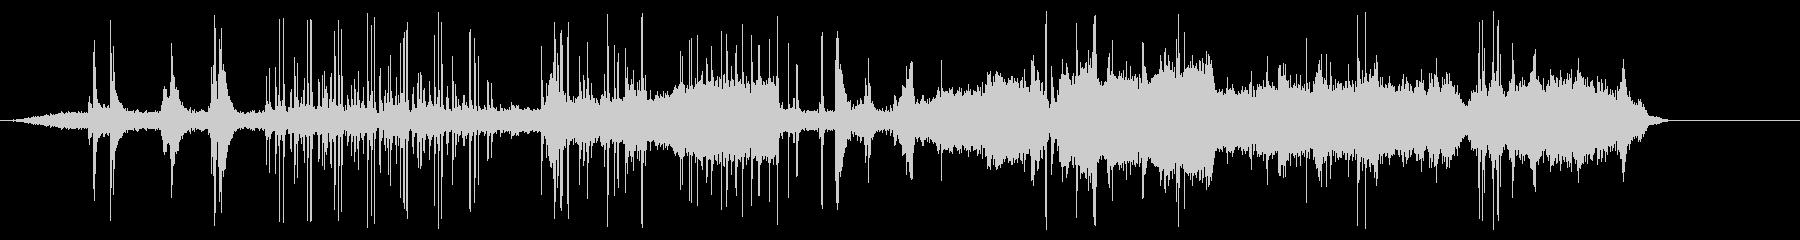 アタビコスとバグパイプを叫ぶの未再生の波形